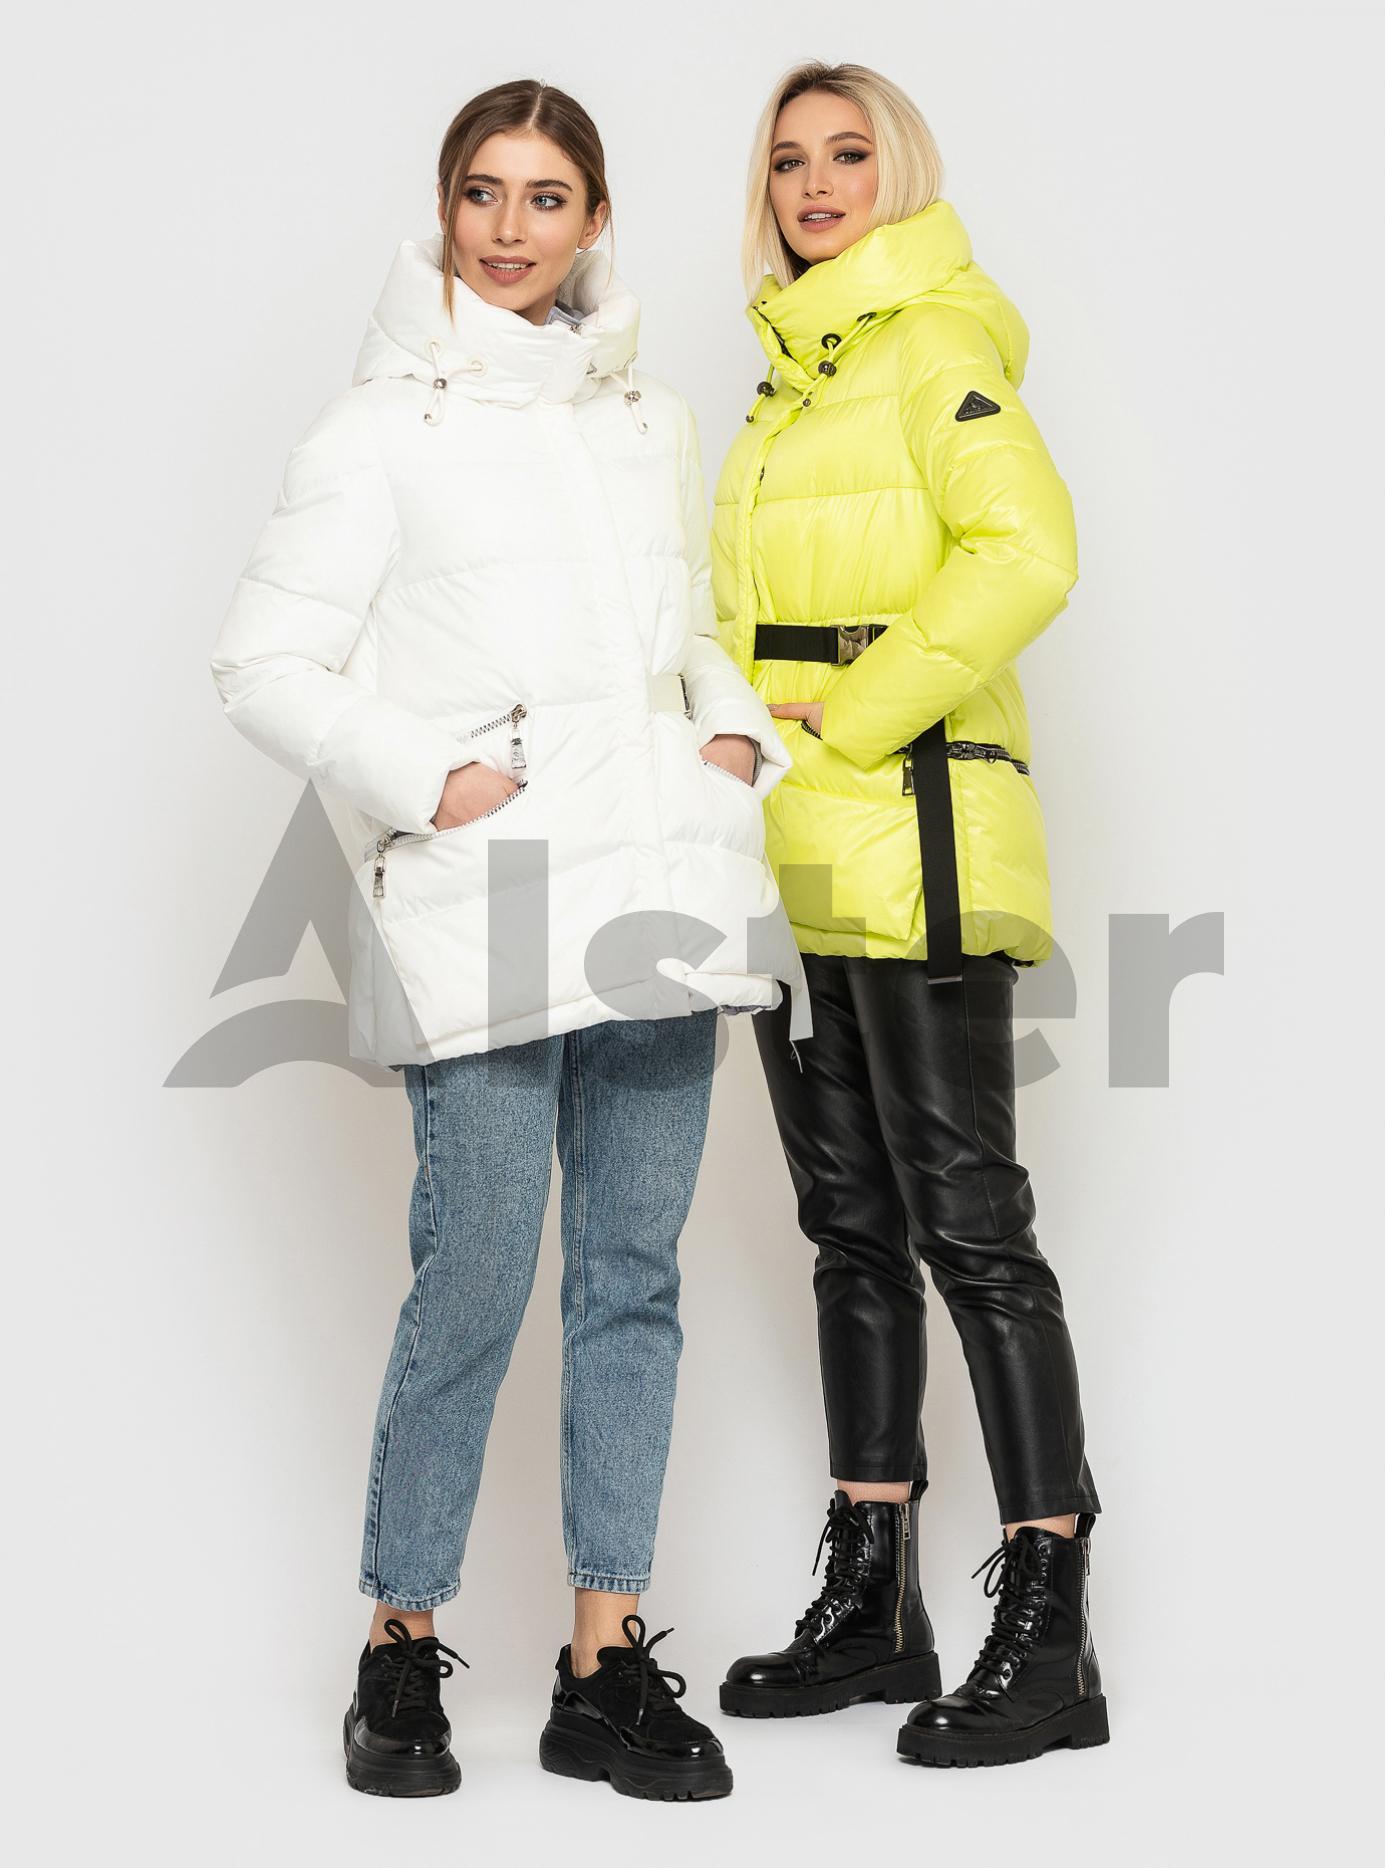 Жіноча зимова куртка із фастекс застібкою CLASNA Лимонний S (21D325CW-13): фото - Alster.ua